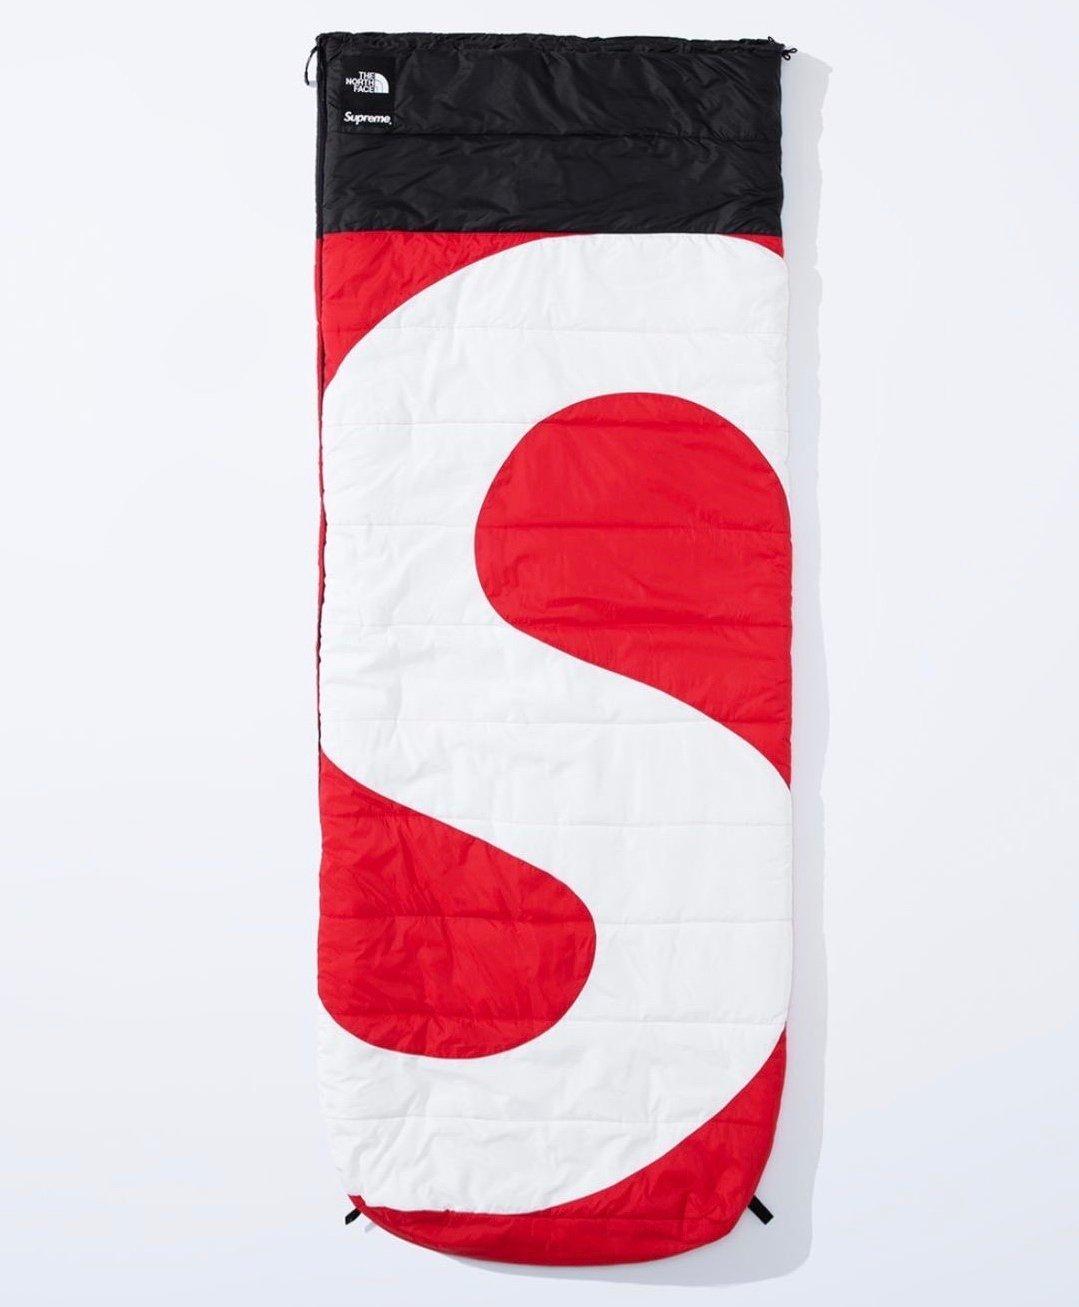 シュプリーム ザ・ノースフェイス コラボ 2020年 秋冬 新作 Supreme 2020fw week 10 The North Face S Logo Dolomite Sleeping Bag red